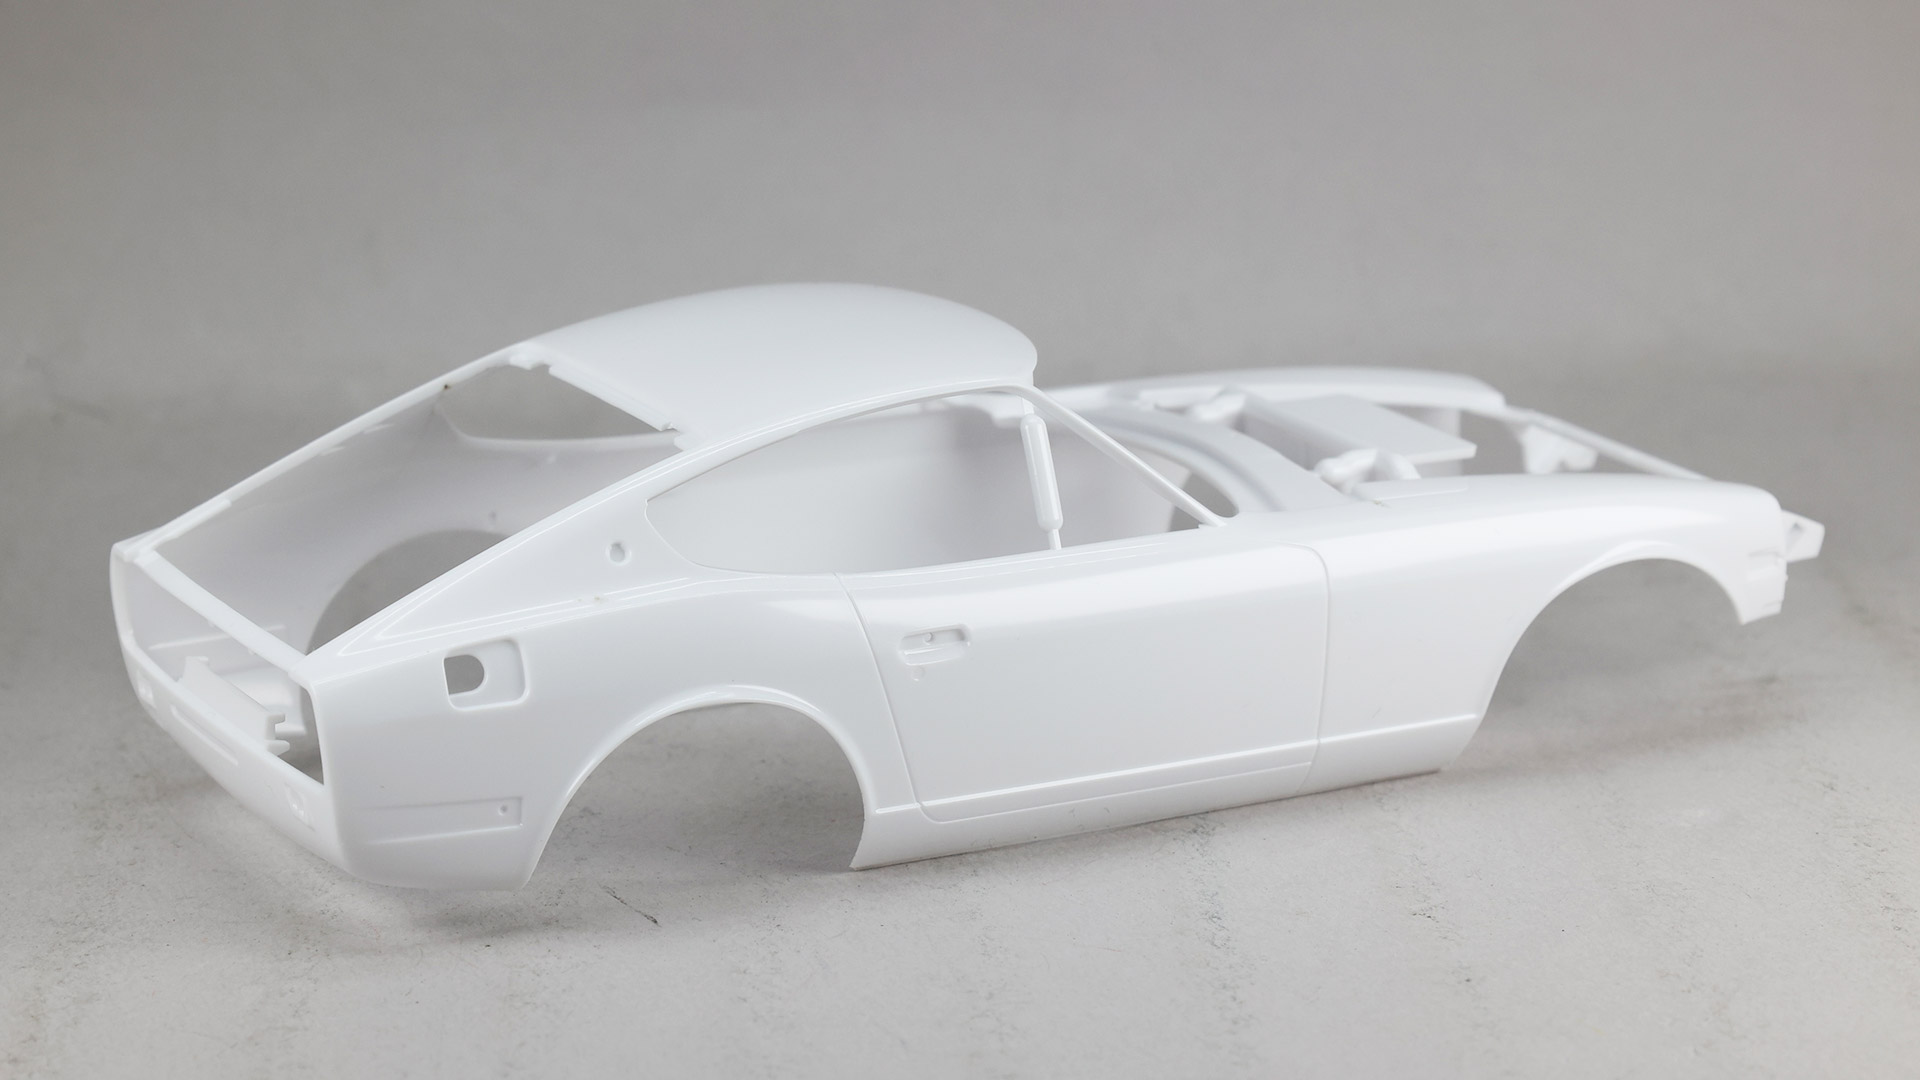 ロングノーズ&ショートデッキを端的に表す流麗なアウターボディ。Aピラー(車両前側の窓枠の柱)がとても細いので注意が必要そうです